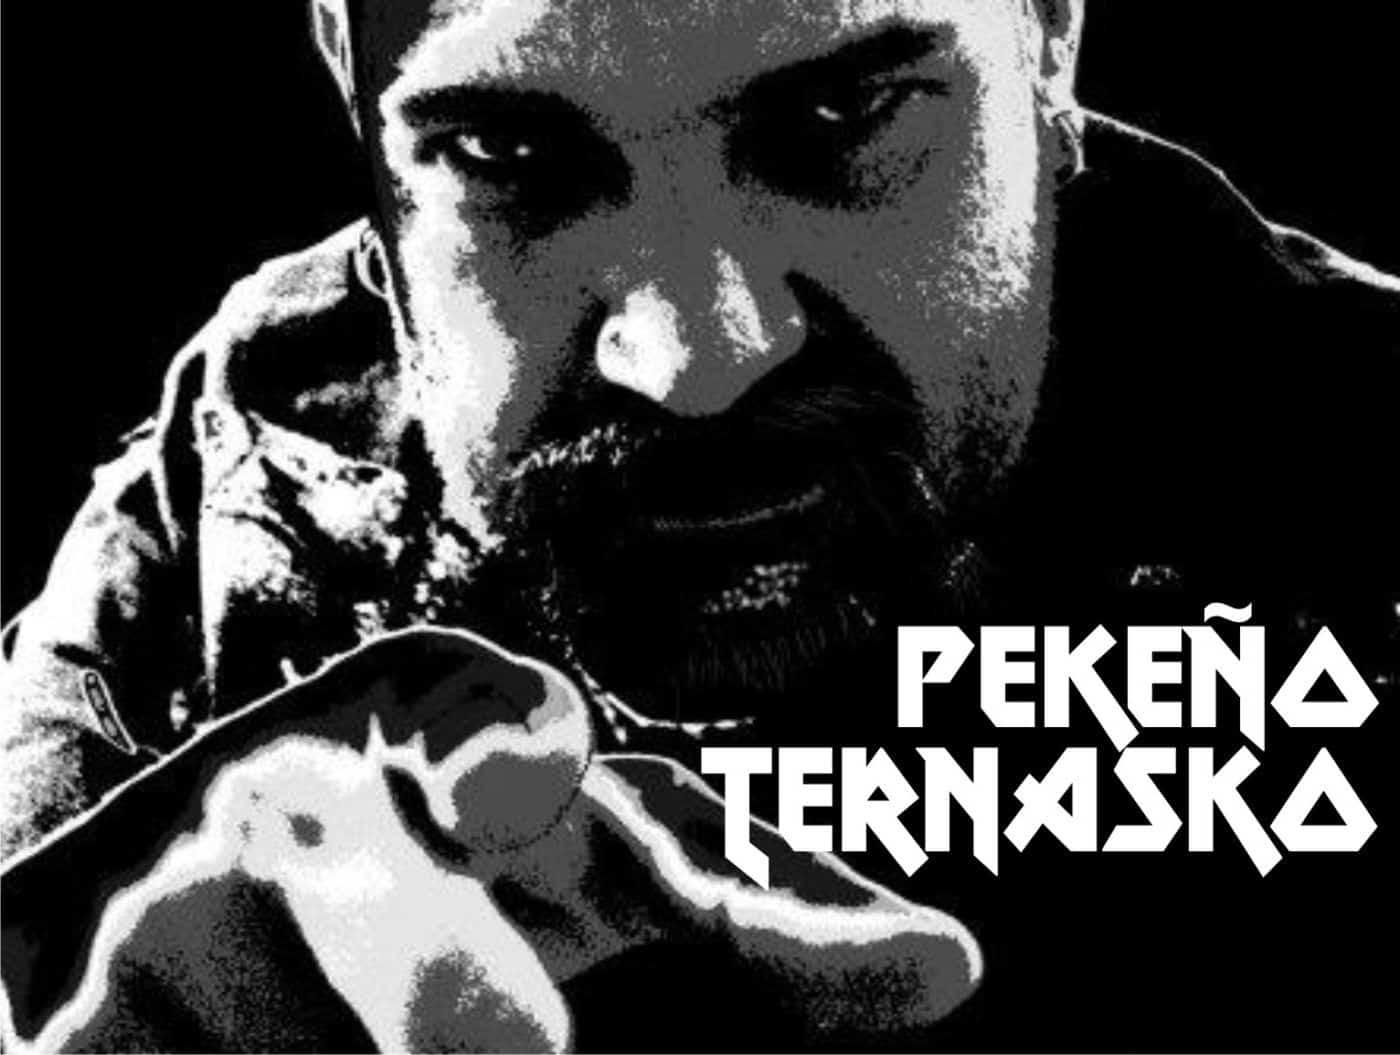 pEKEÑO tERNASKO